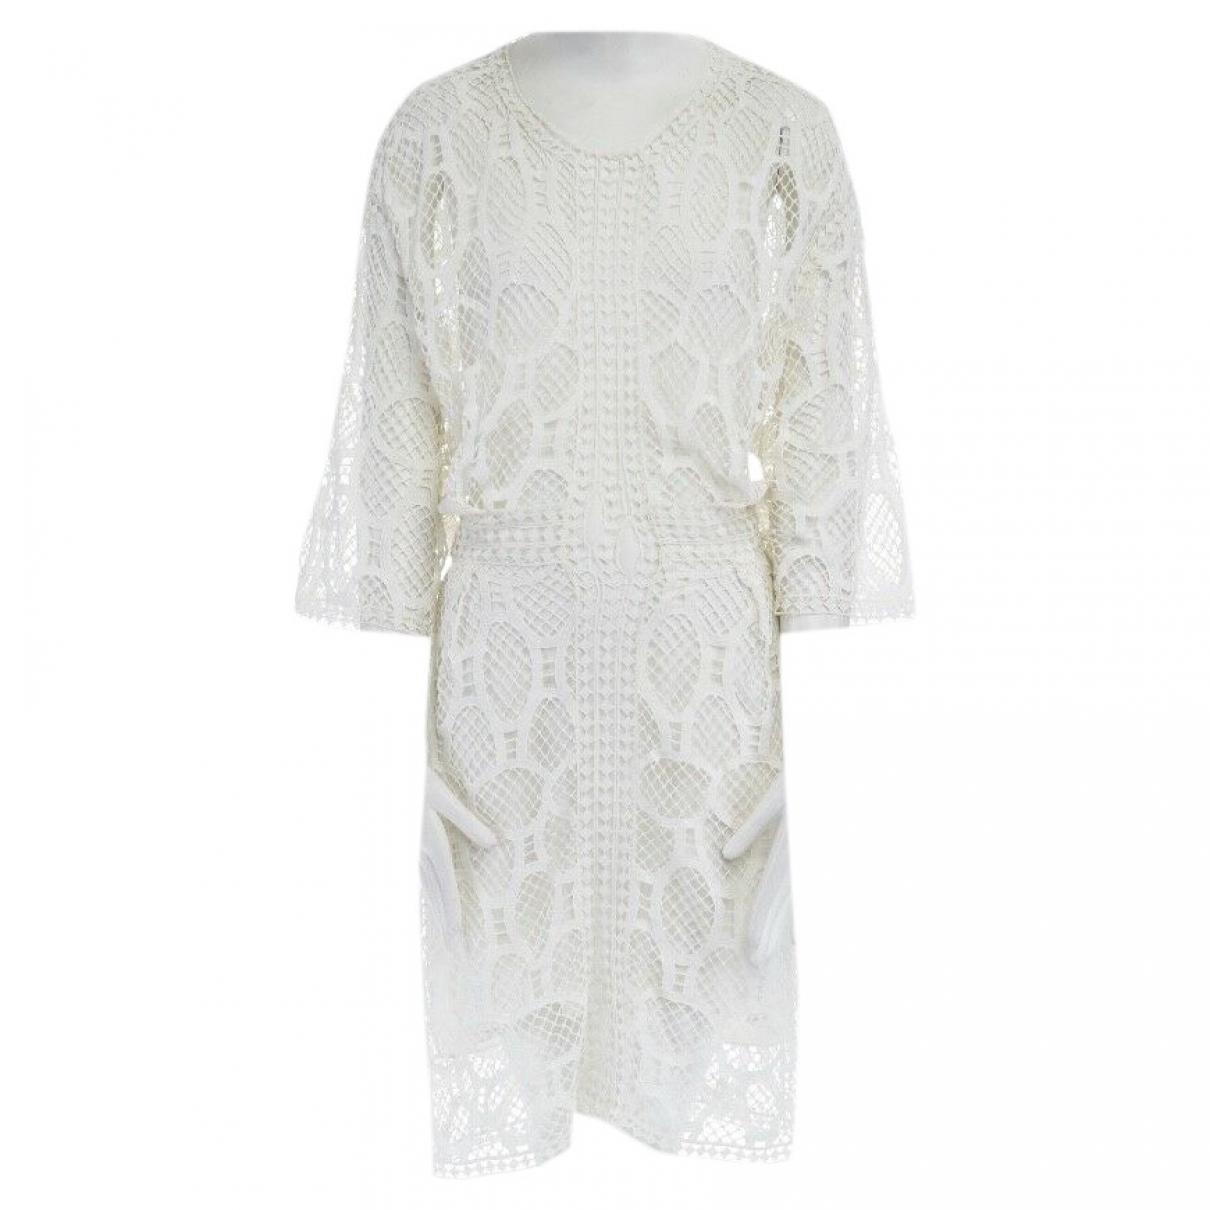 Chloé \N White Cotton dress for Women S International